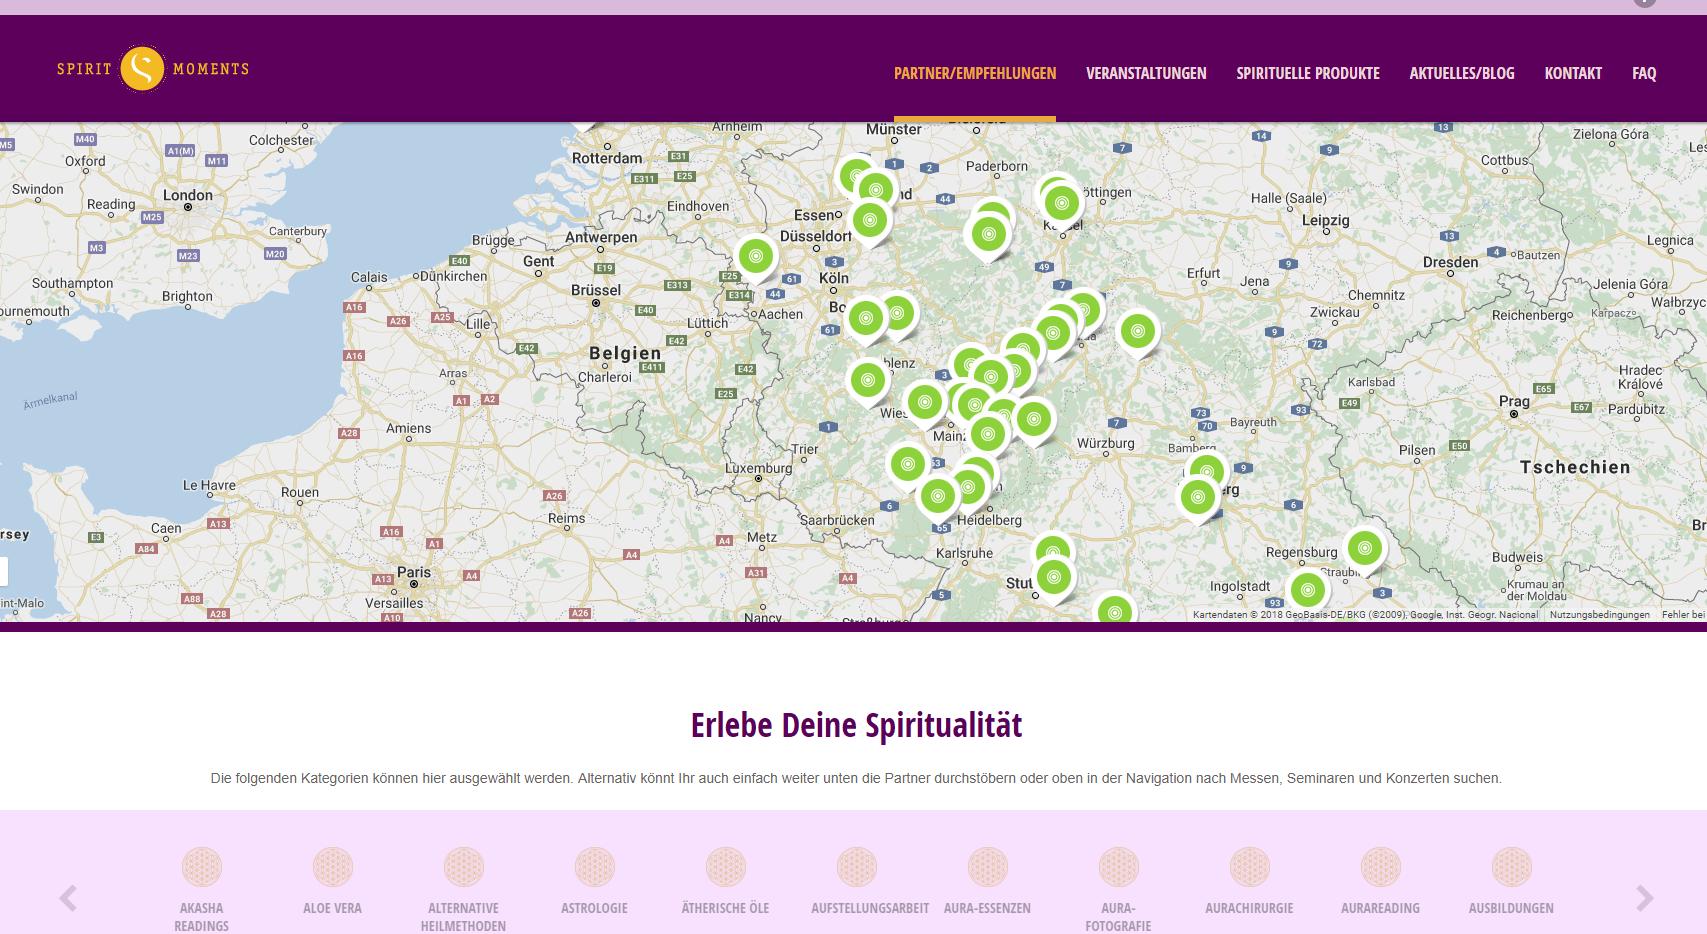 Unser eigenes Portal www.spirit-moments.de